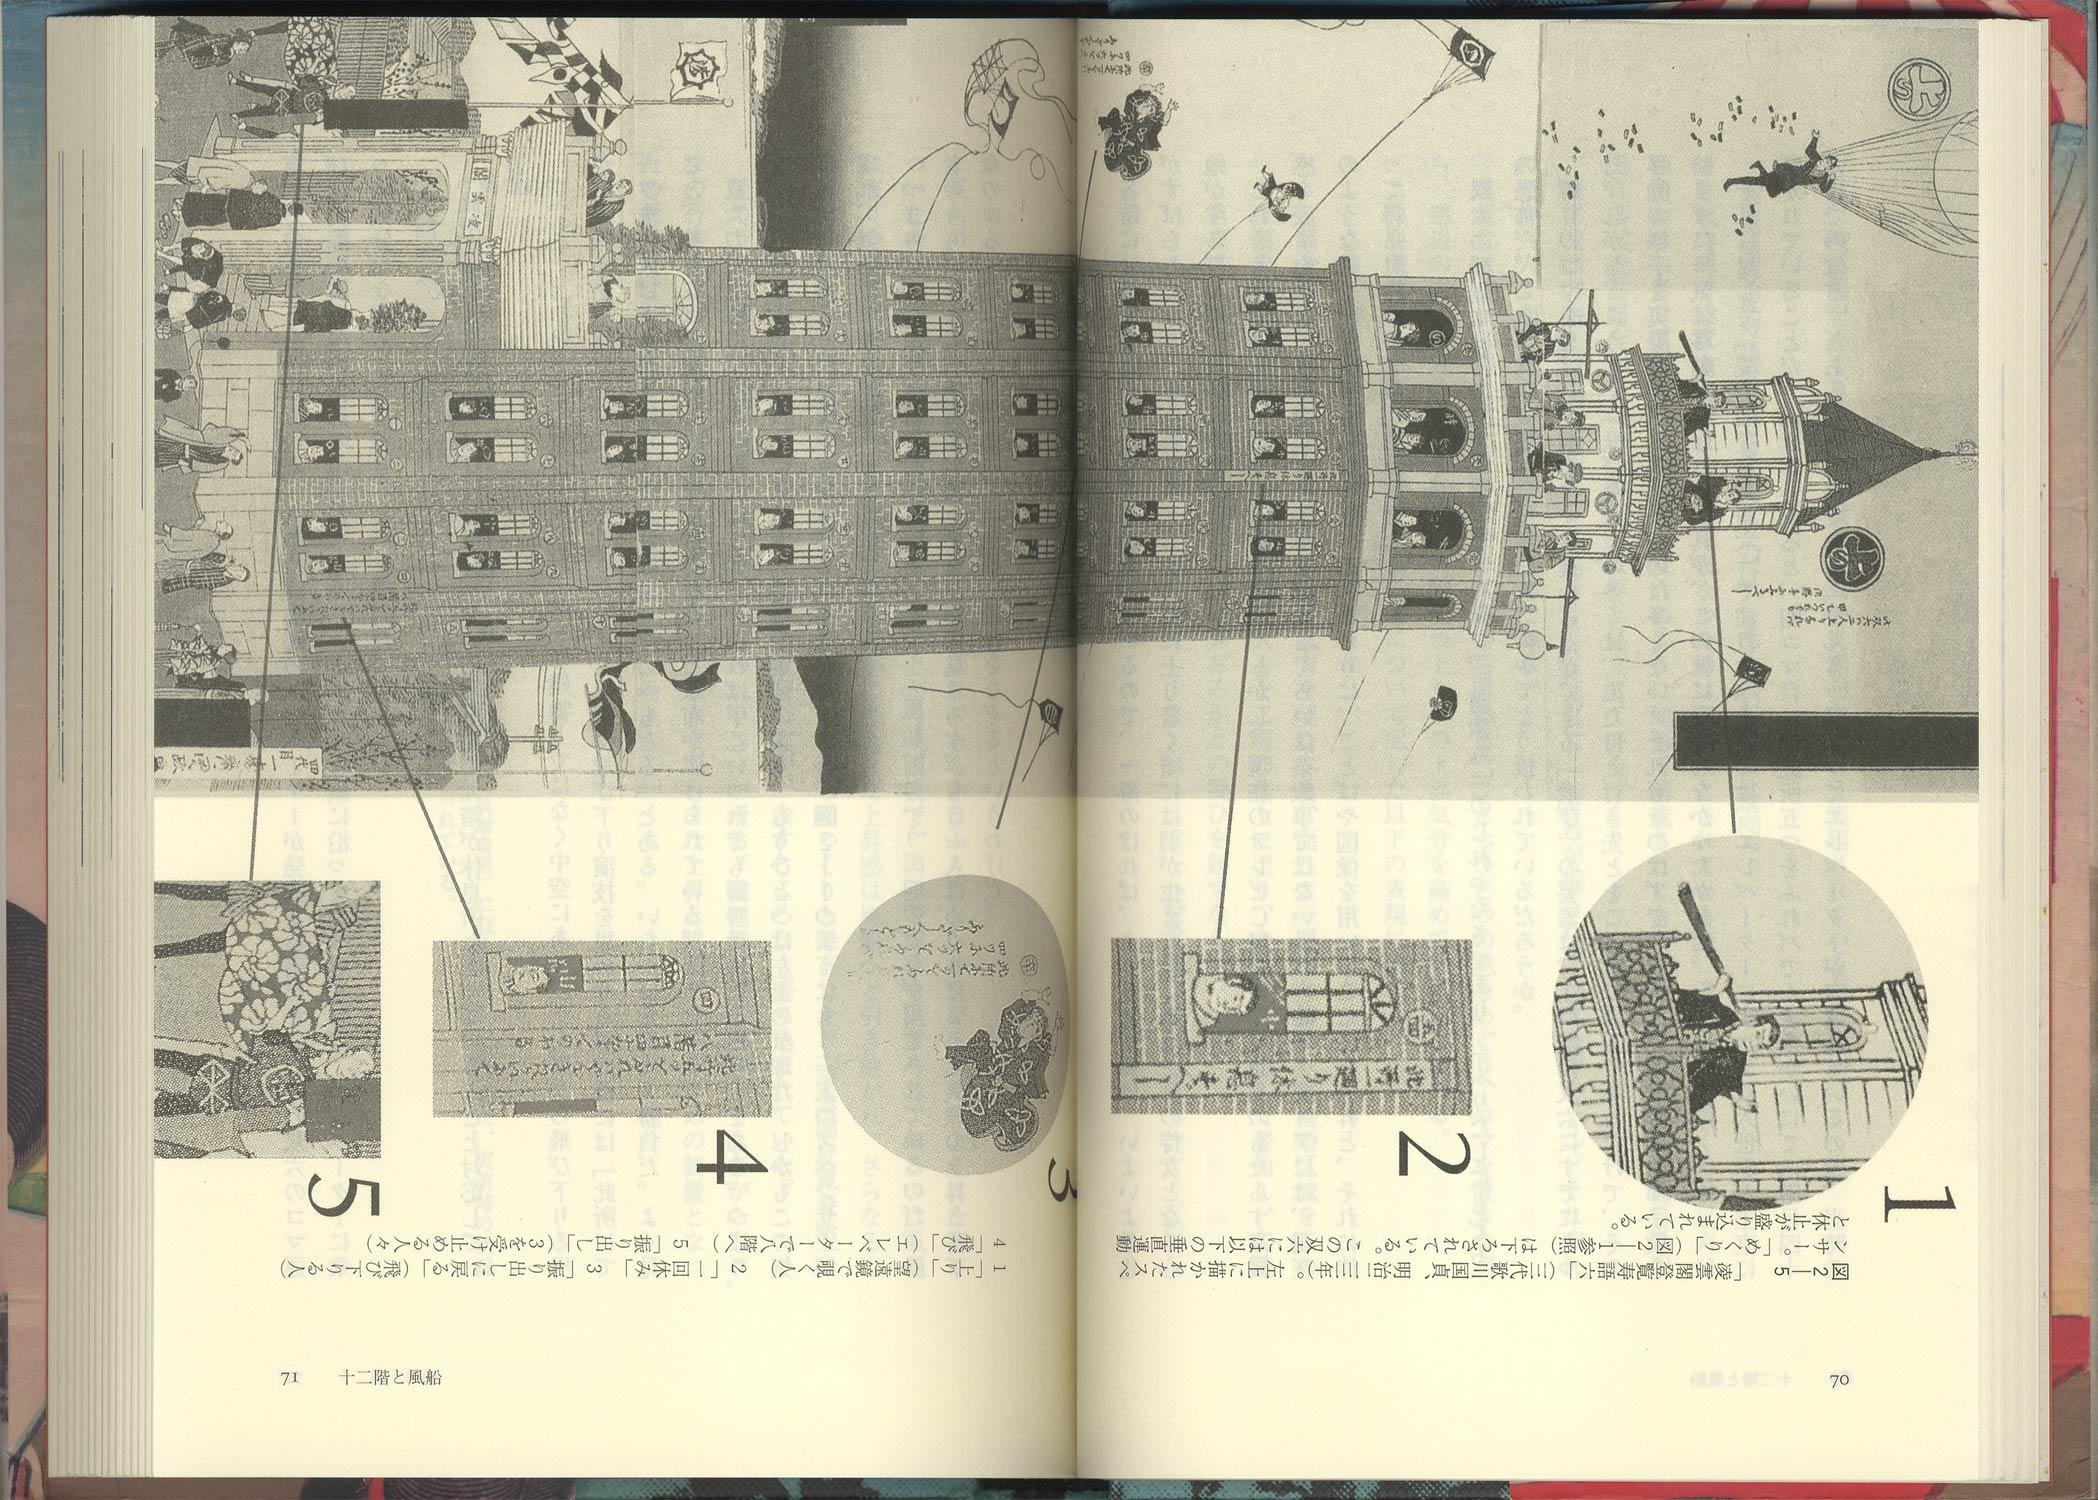 浅草十二階 塔の眺めと〈近代〉のまなざし[image2]